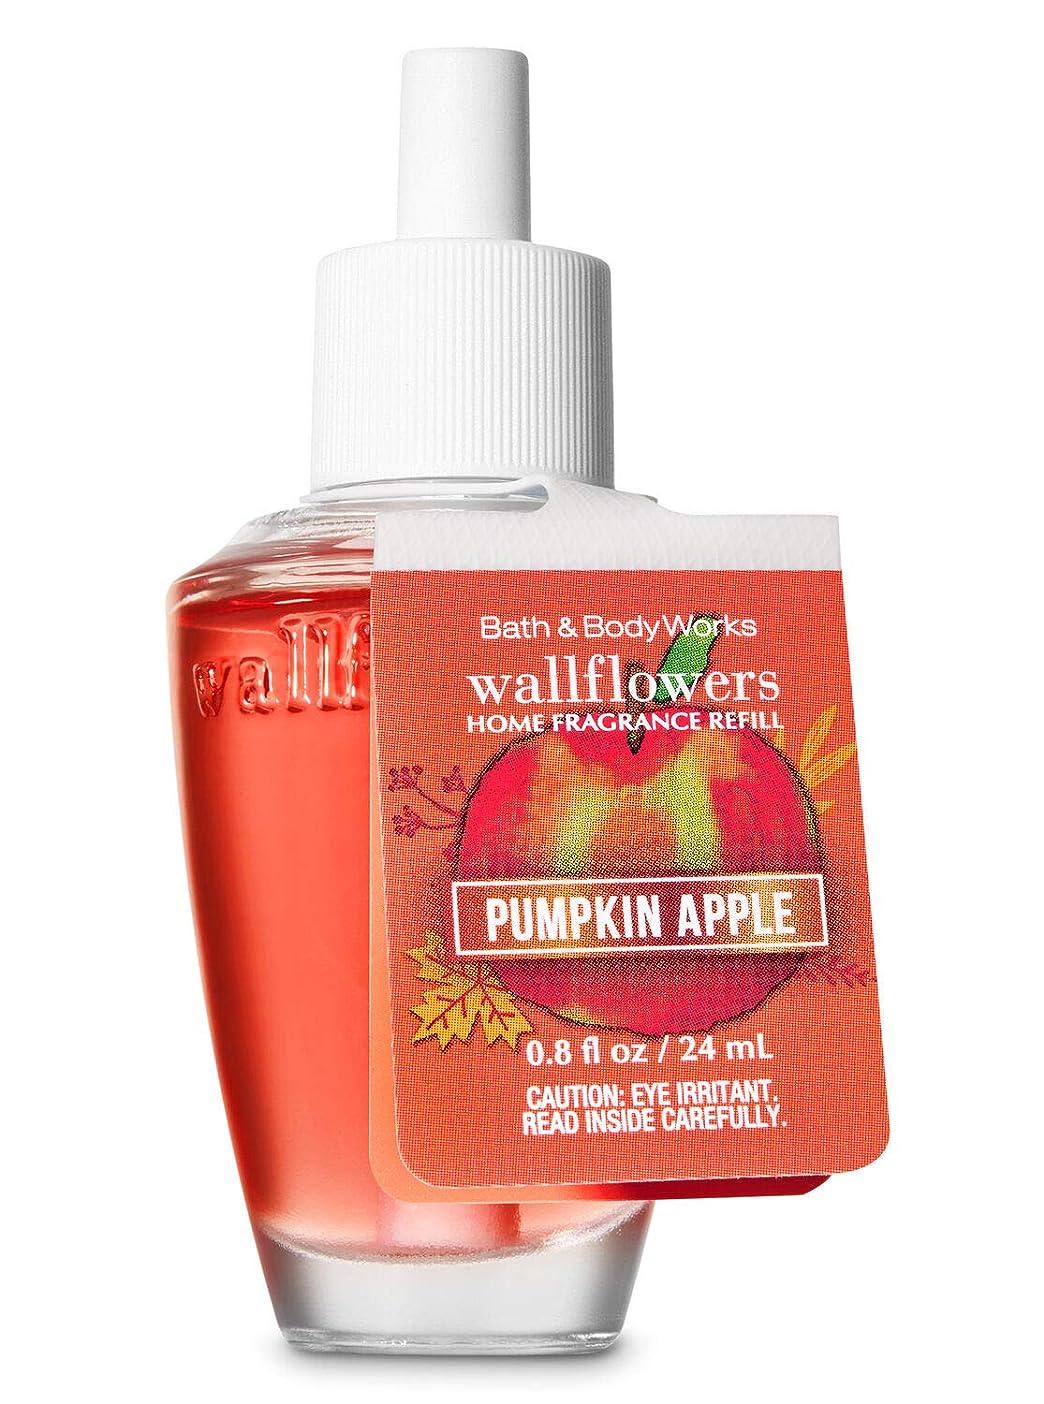 マトロン予知気分が悪い【Bath&Body Works/バス&ボディワークス】 ルームフレグランス 詰替えリフィル パンプキンアップル Wallflowers Home Fragrance Refill Pumpkin Apple [並行輸入品]